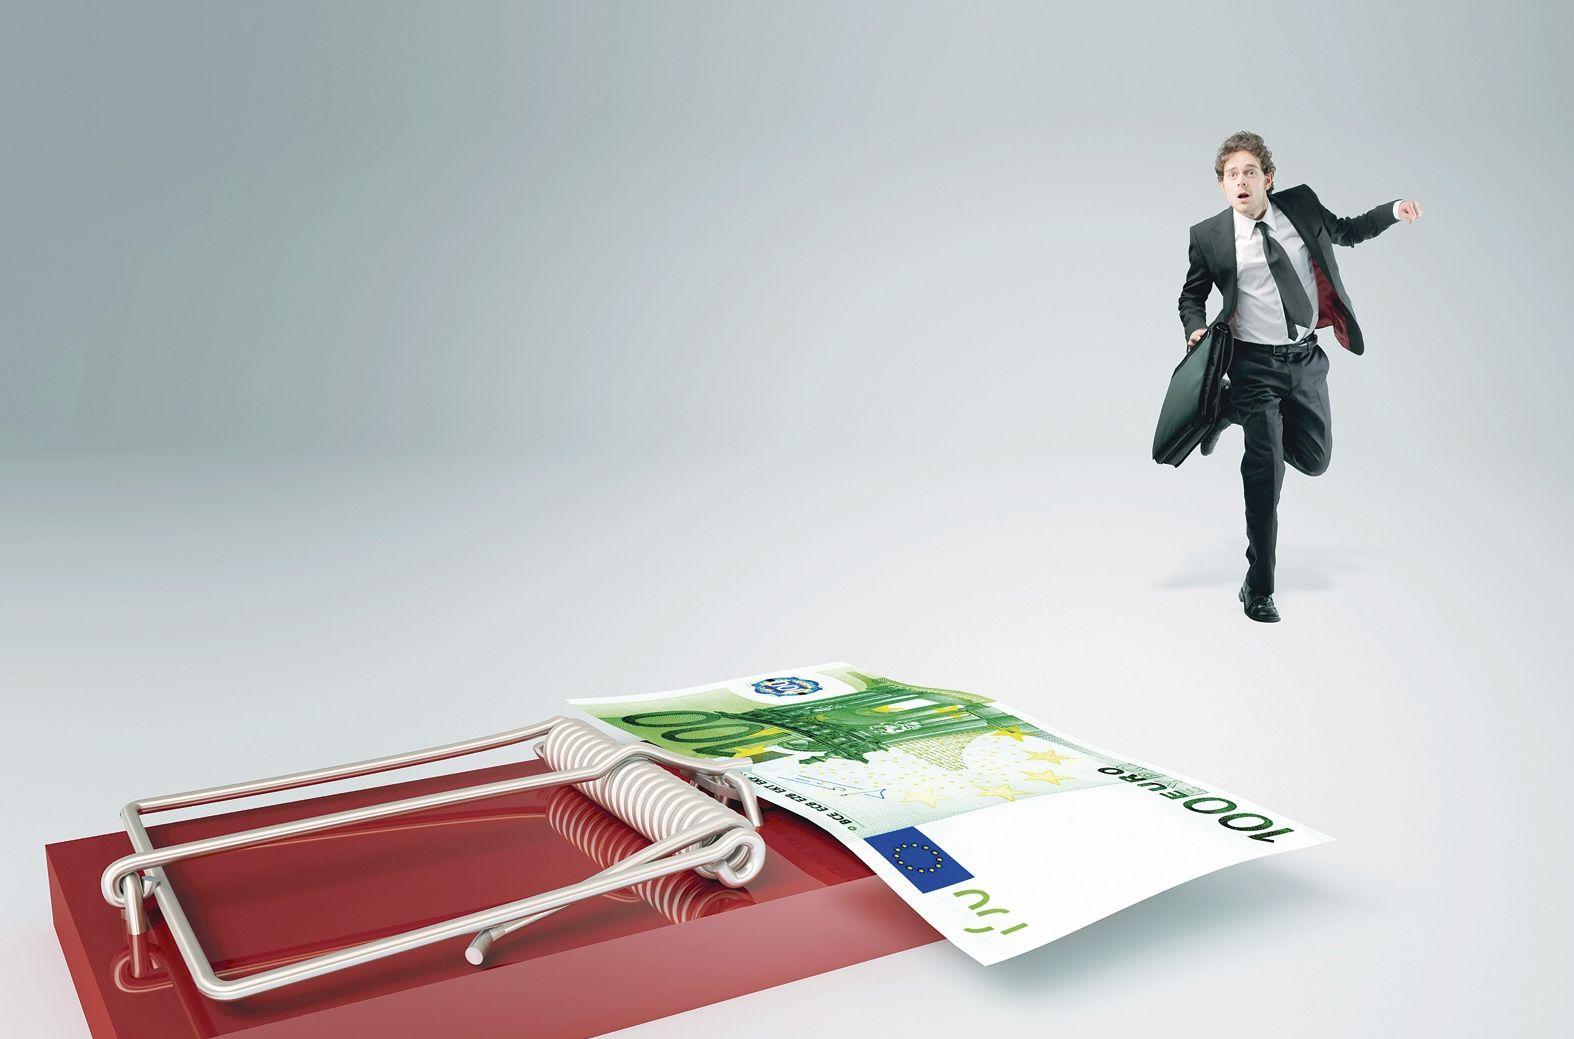 Spania: Crește numărul fraudelor din asigurări, pe timp de criză